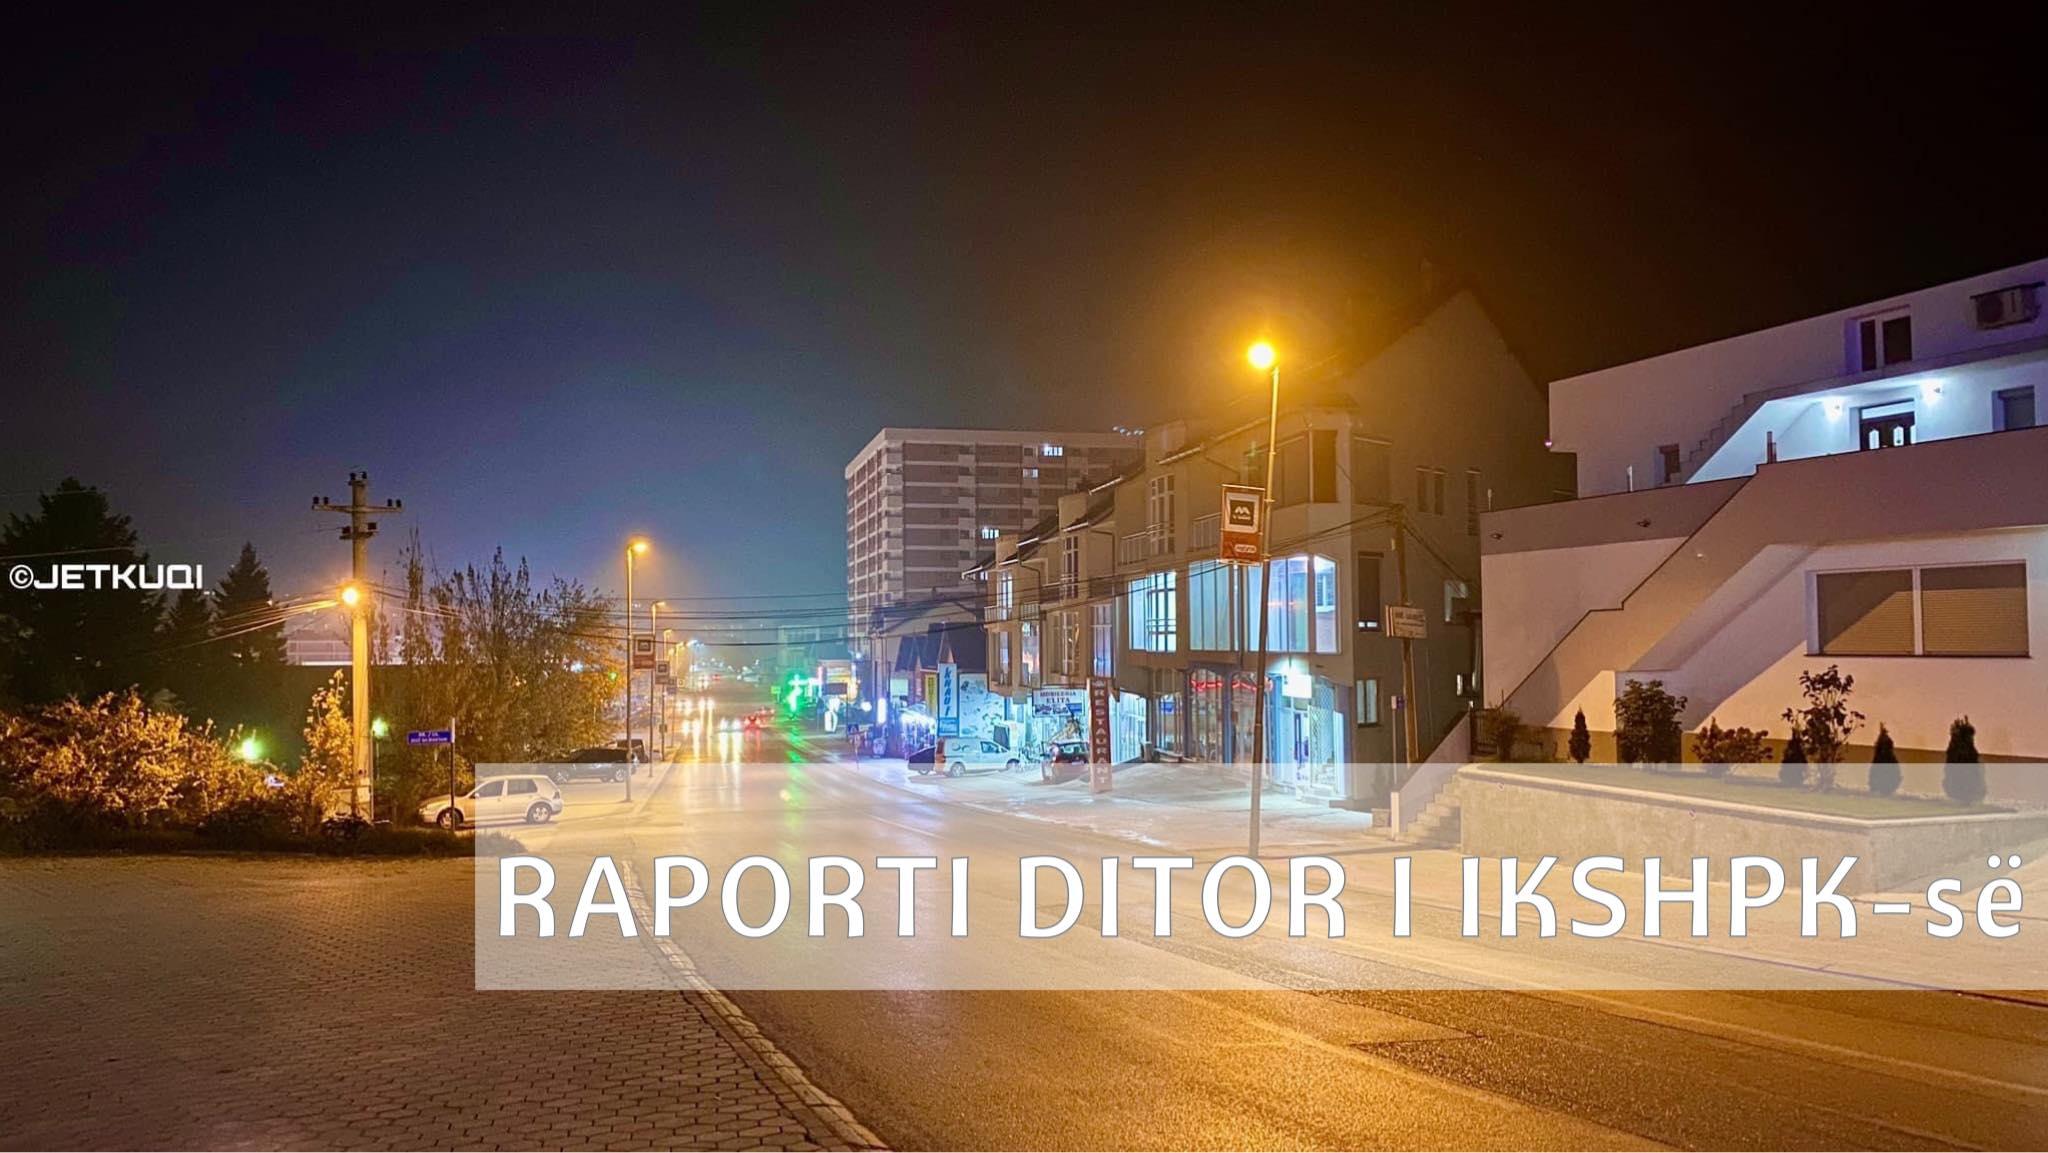 Raporti i IKSHPK-së: Kaq është numri i rasteve pozitive në komunën e Suharekës